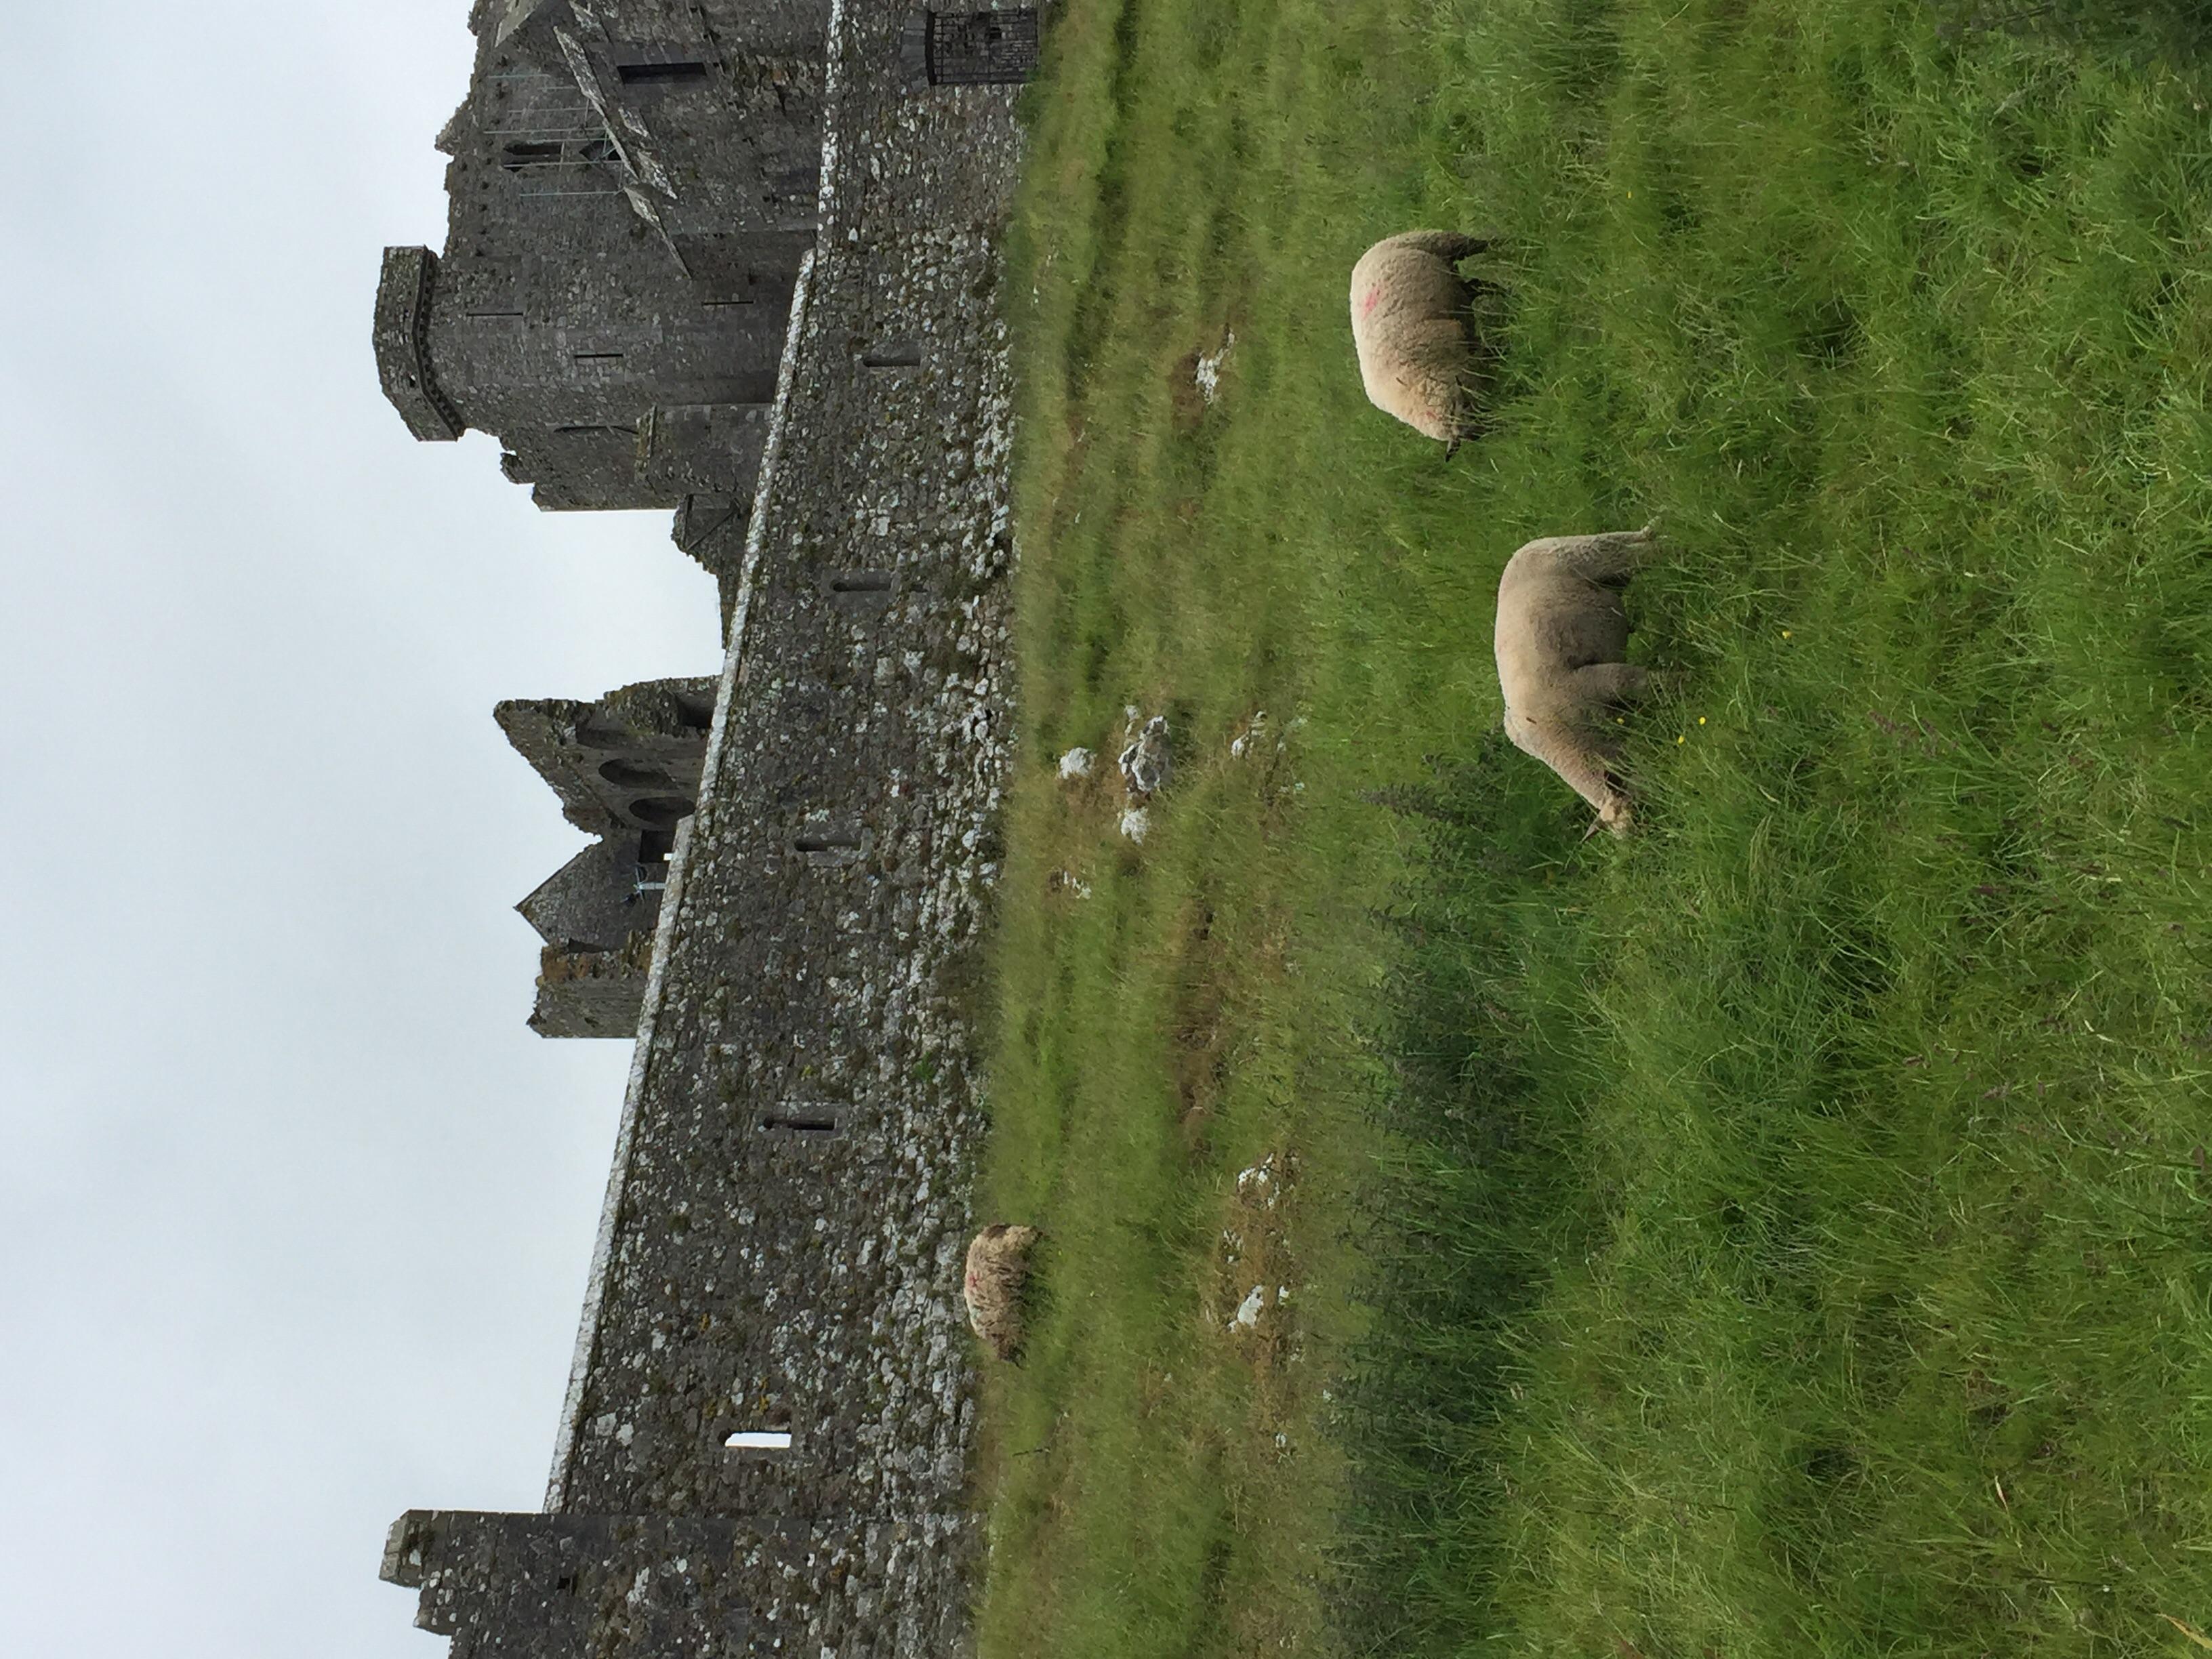 Sheep munching away, not noticing the Rock...